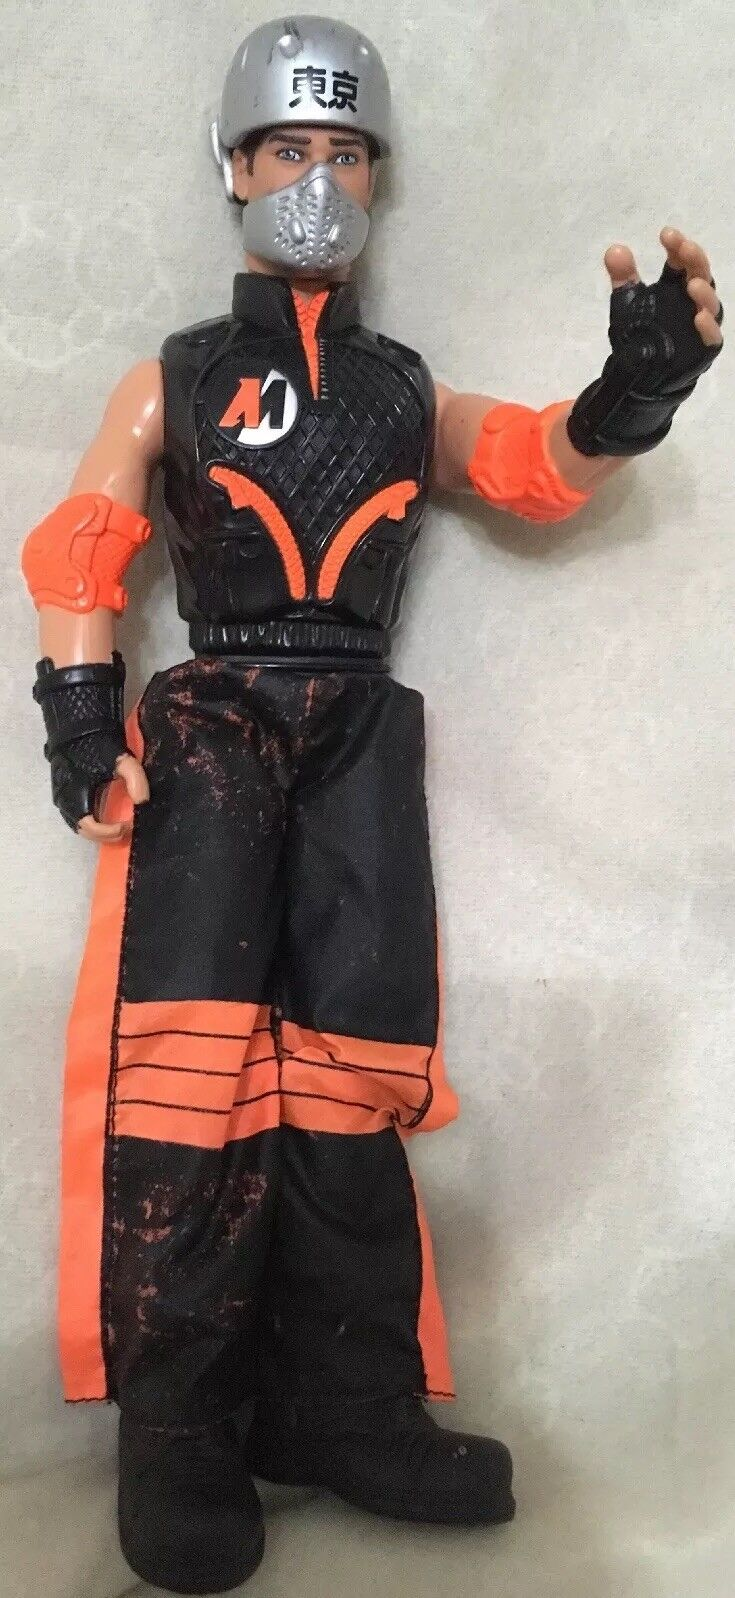 Rara Rara Rara Vintage 2000 Hasbro Action Man En Original Negro Y Naranja Outfit Y Botas  disfrutando de sus compras